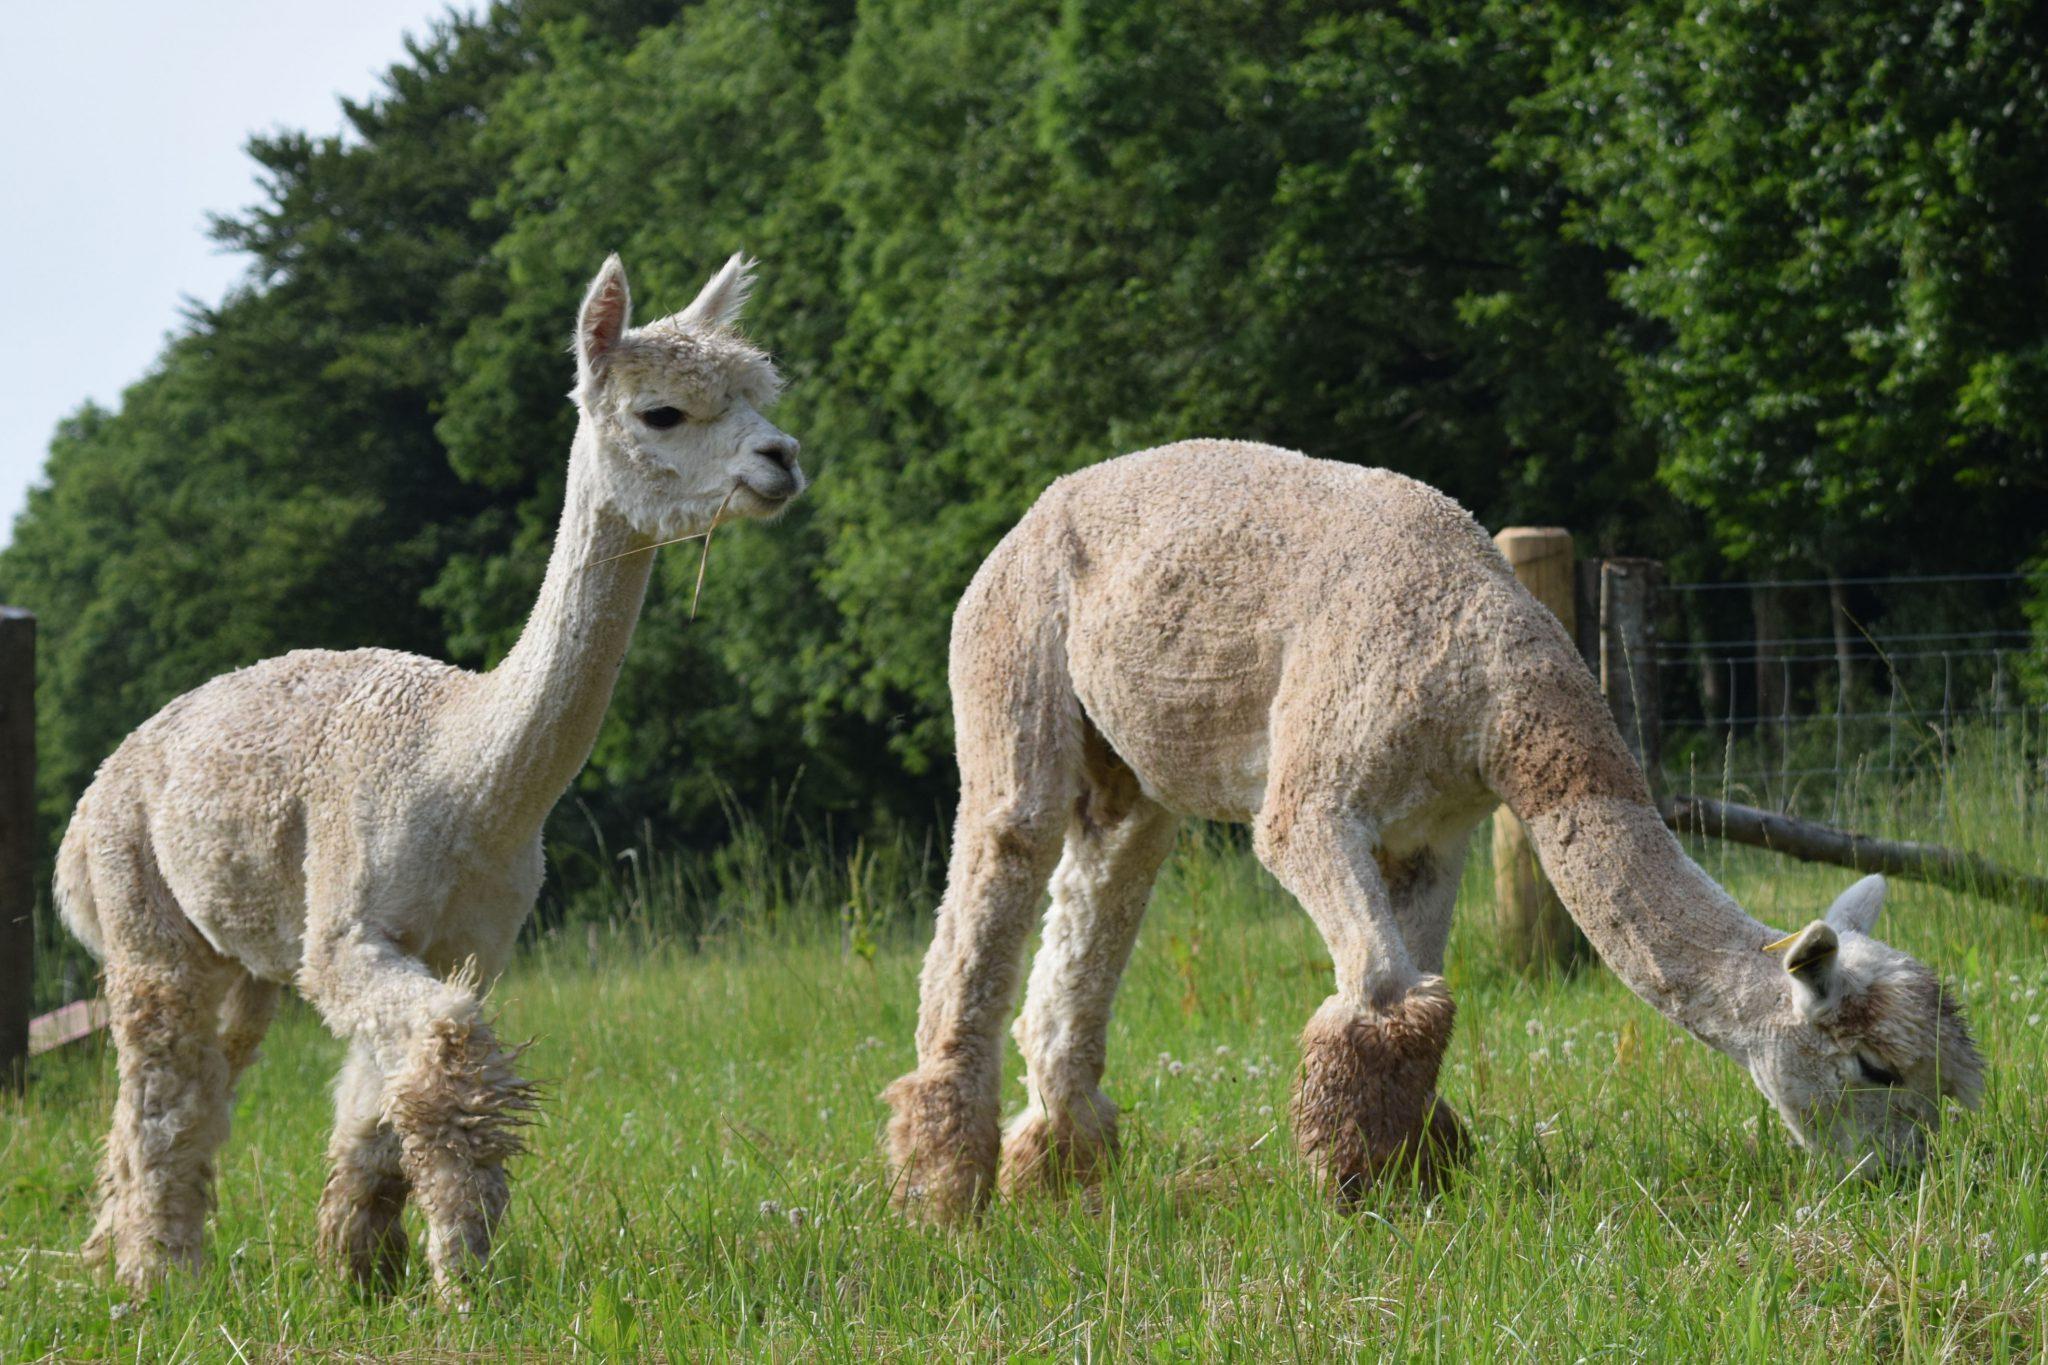 Two alpacas grazing in a field